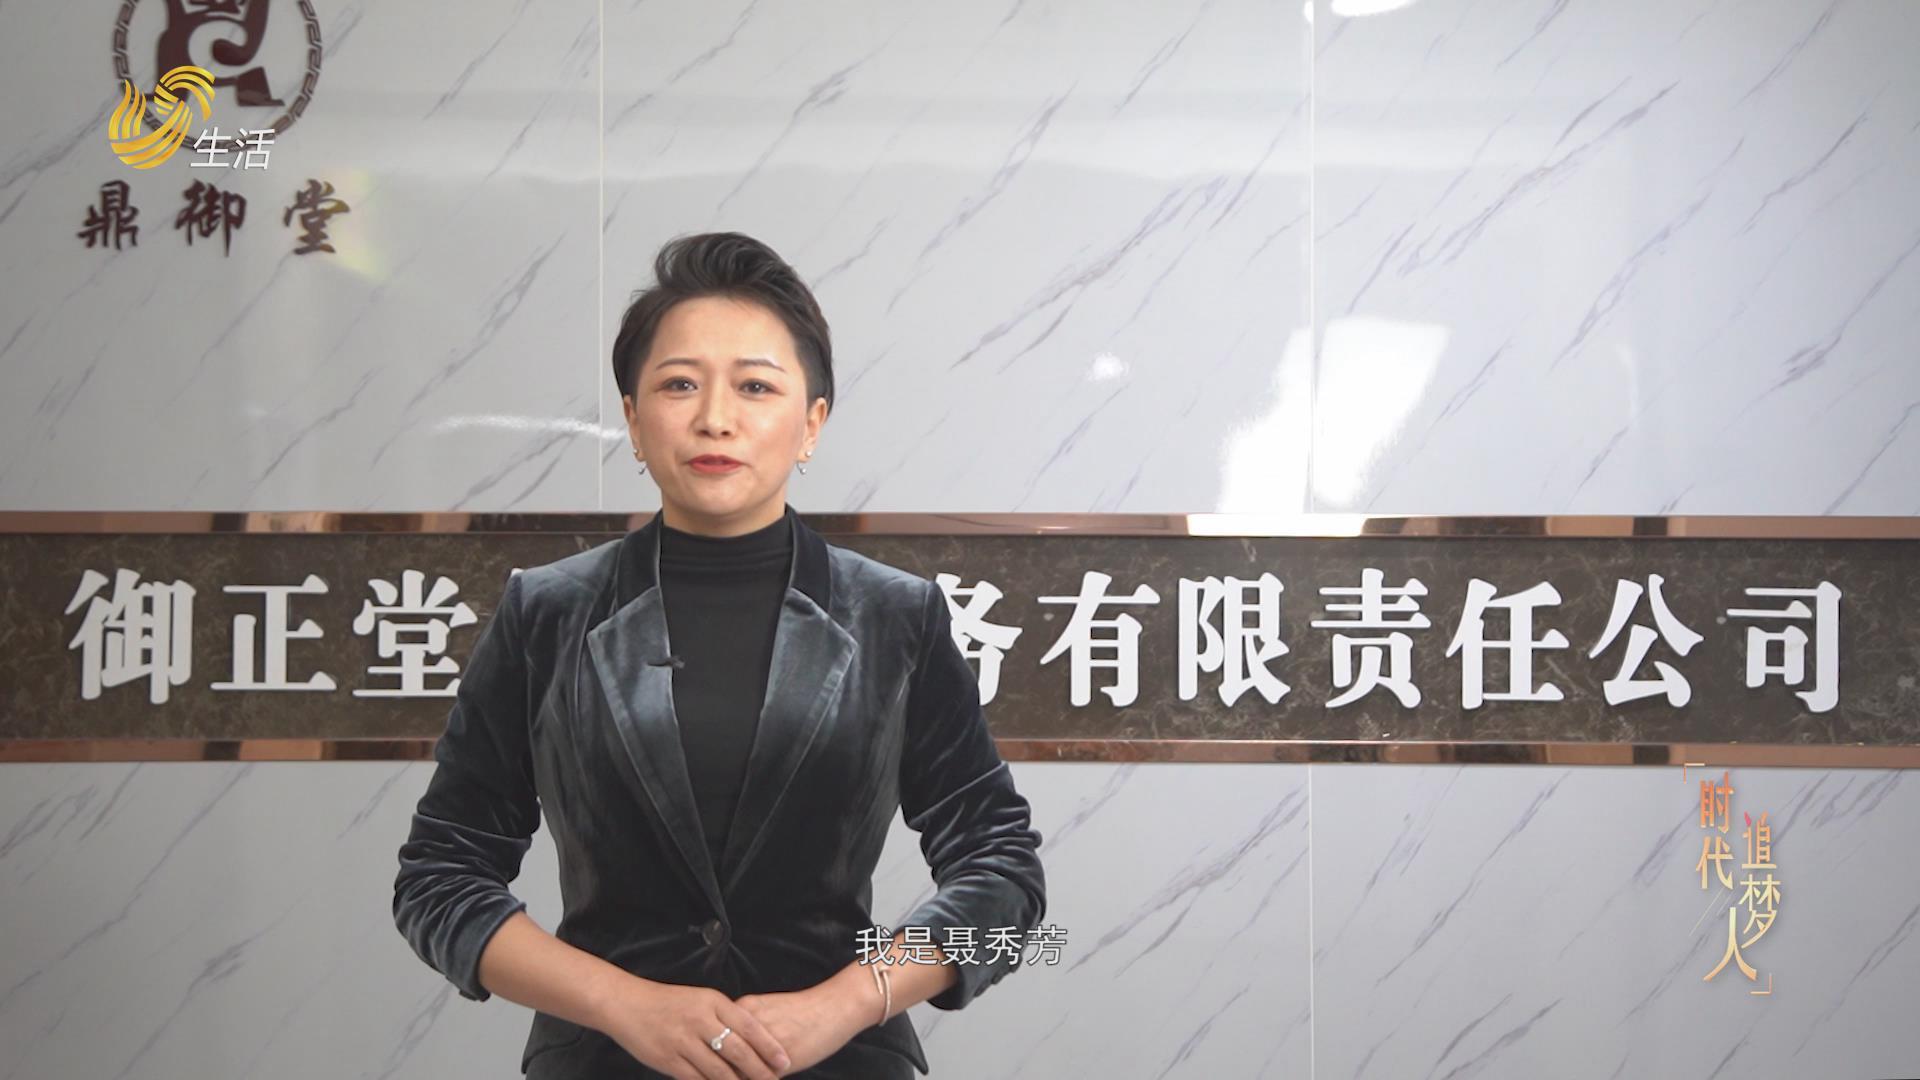 聂秀芳——开启健康瘦身新征程